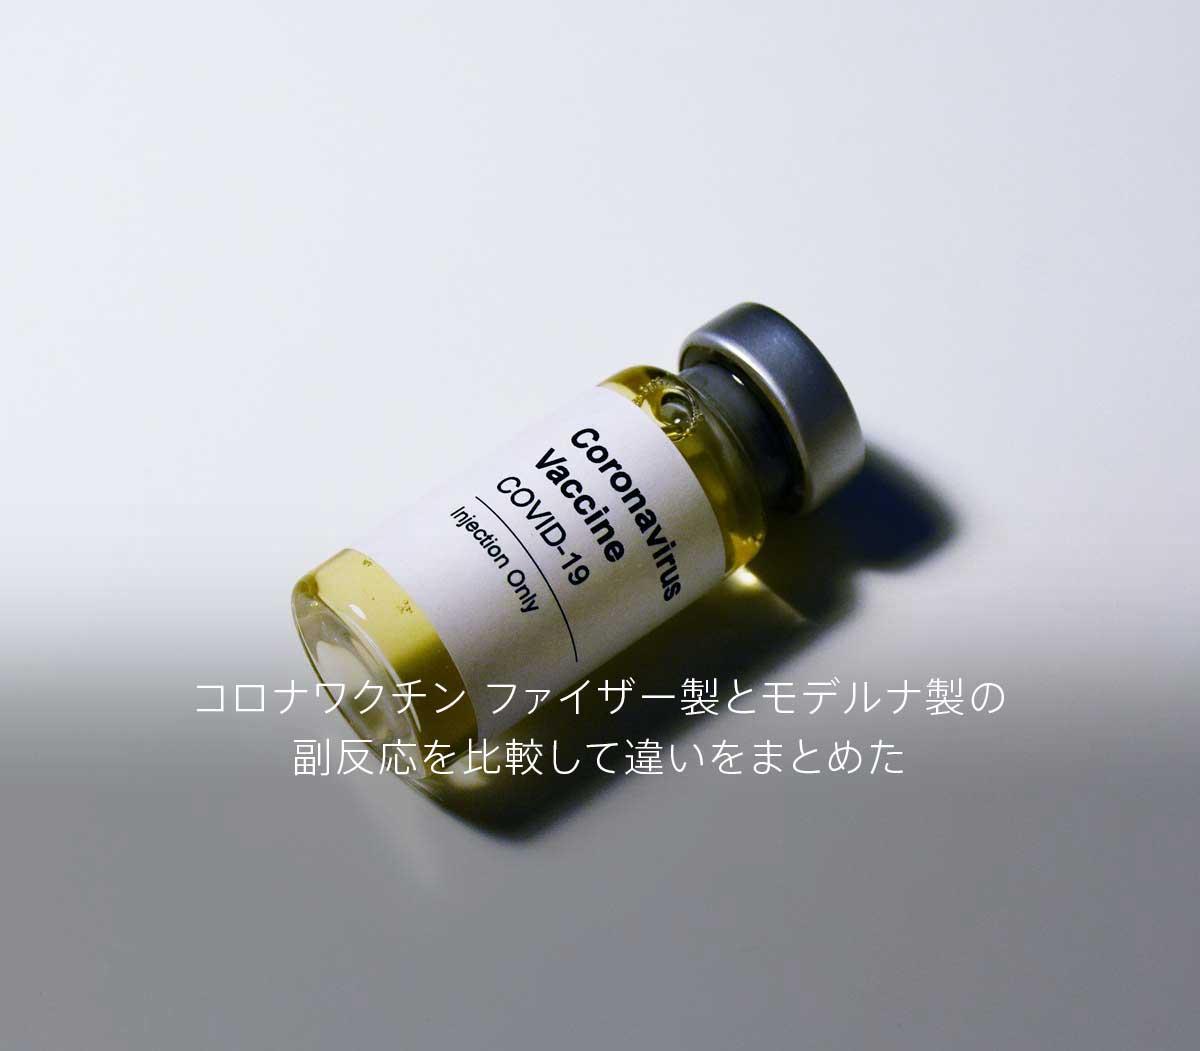 コロナワクチン ファイザー製とモデルナ製の副反応を比較して違いをまとめた corona-vaccine-pfizer-moderna-Z2n-r7pg6kM